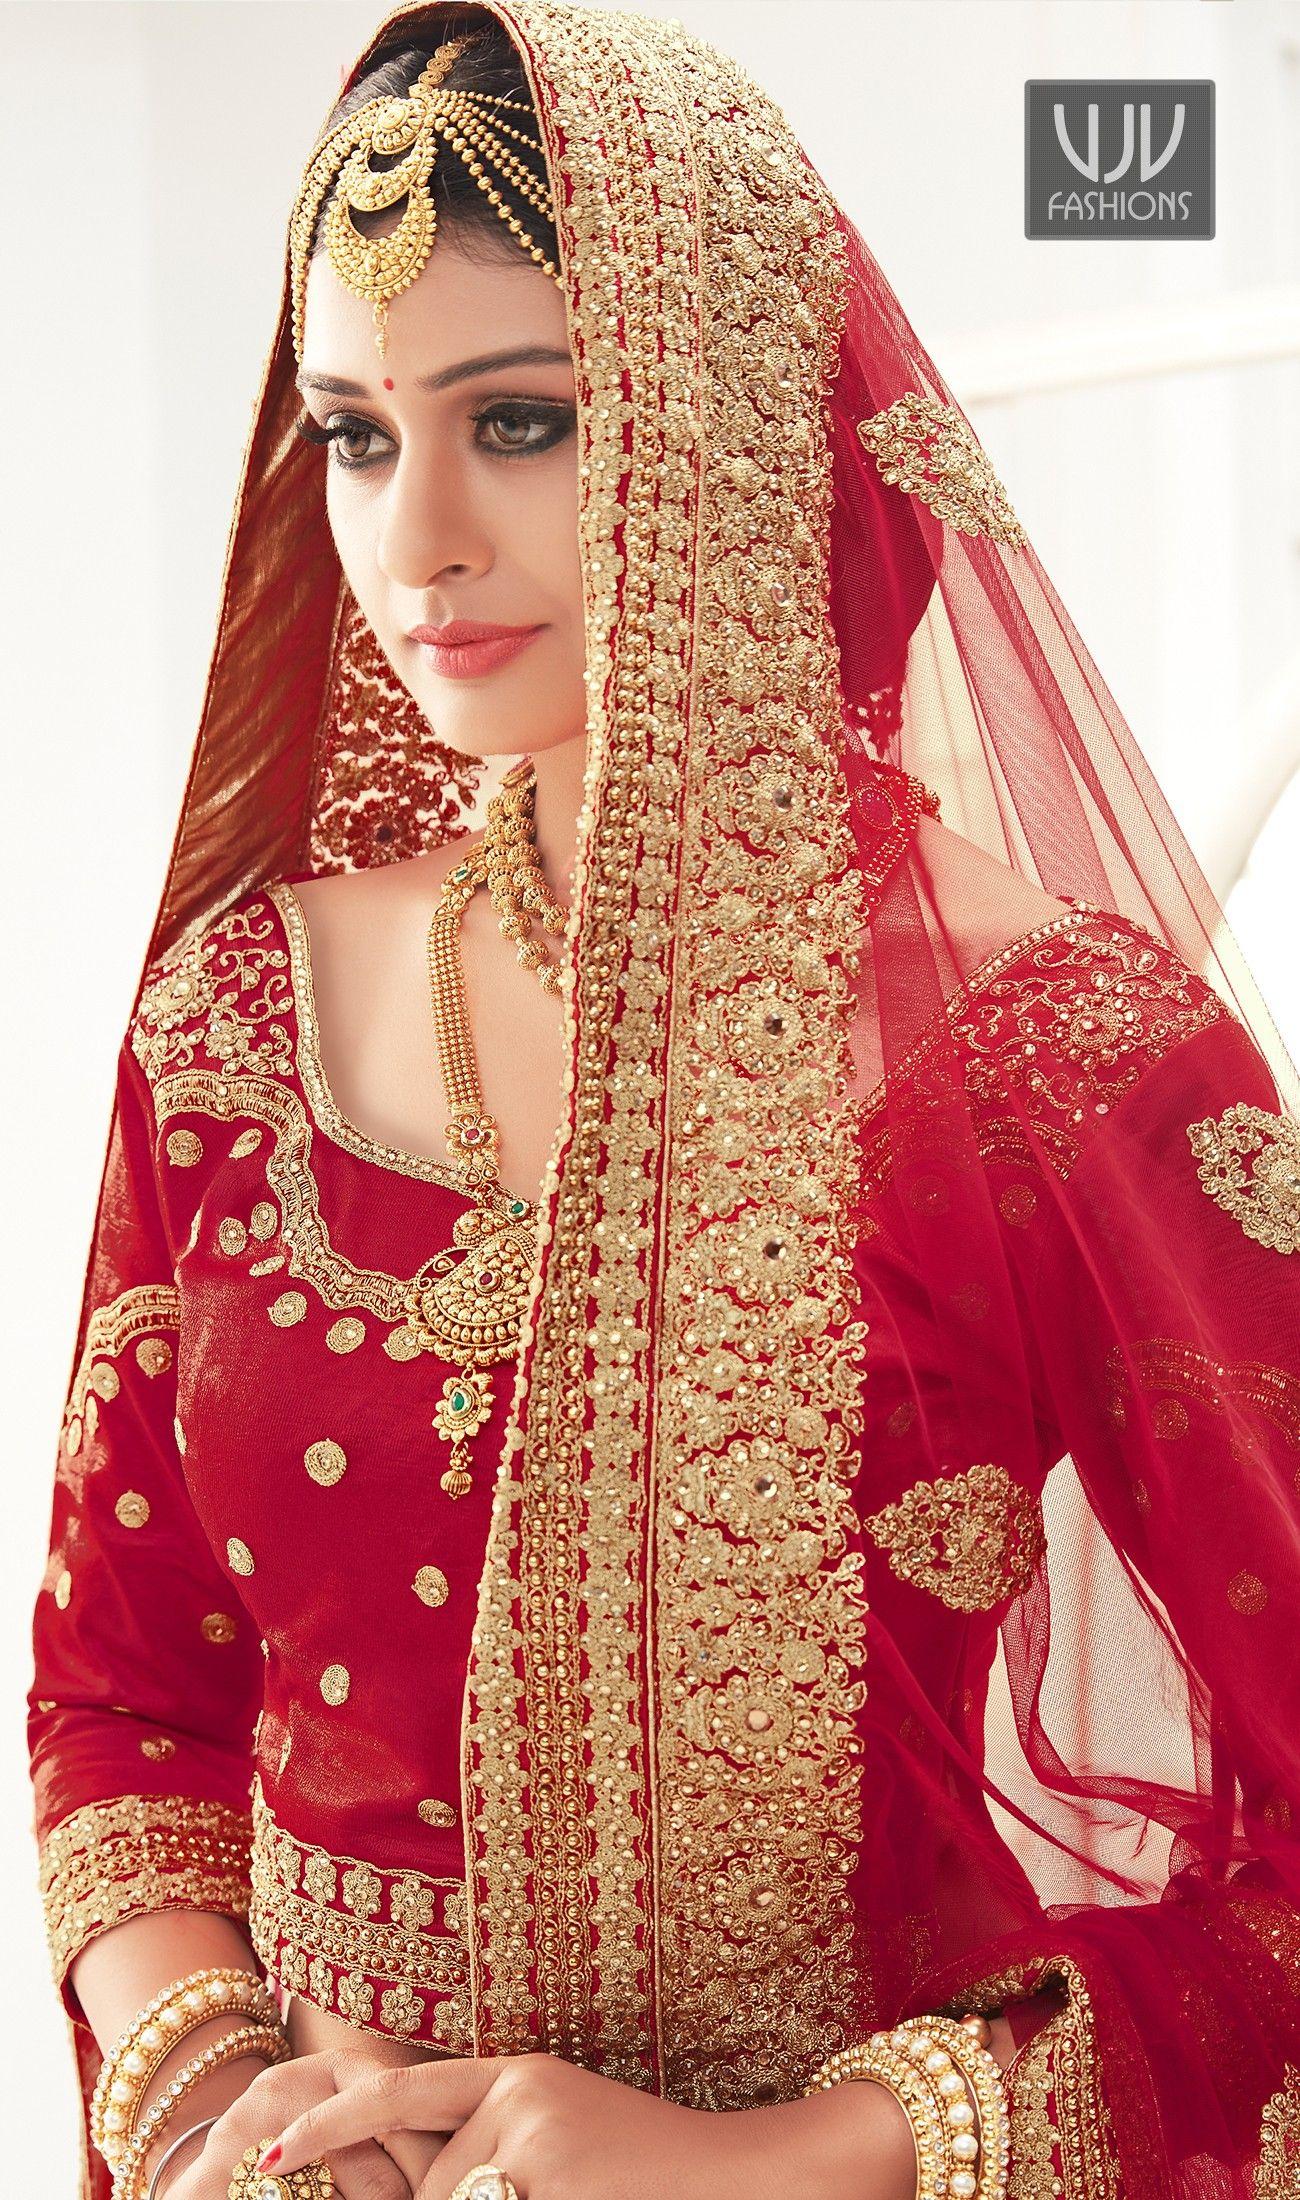 Amazing Red Satin Resham Work Lehenga Choli Bollywood Outfits Indian Wedding Wear Bride Photoshoot